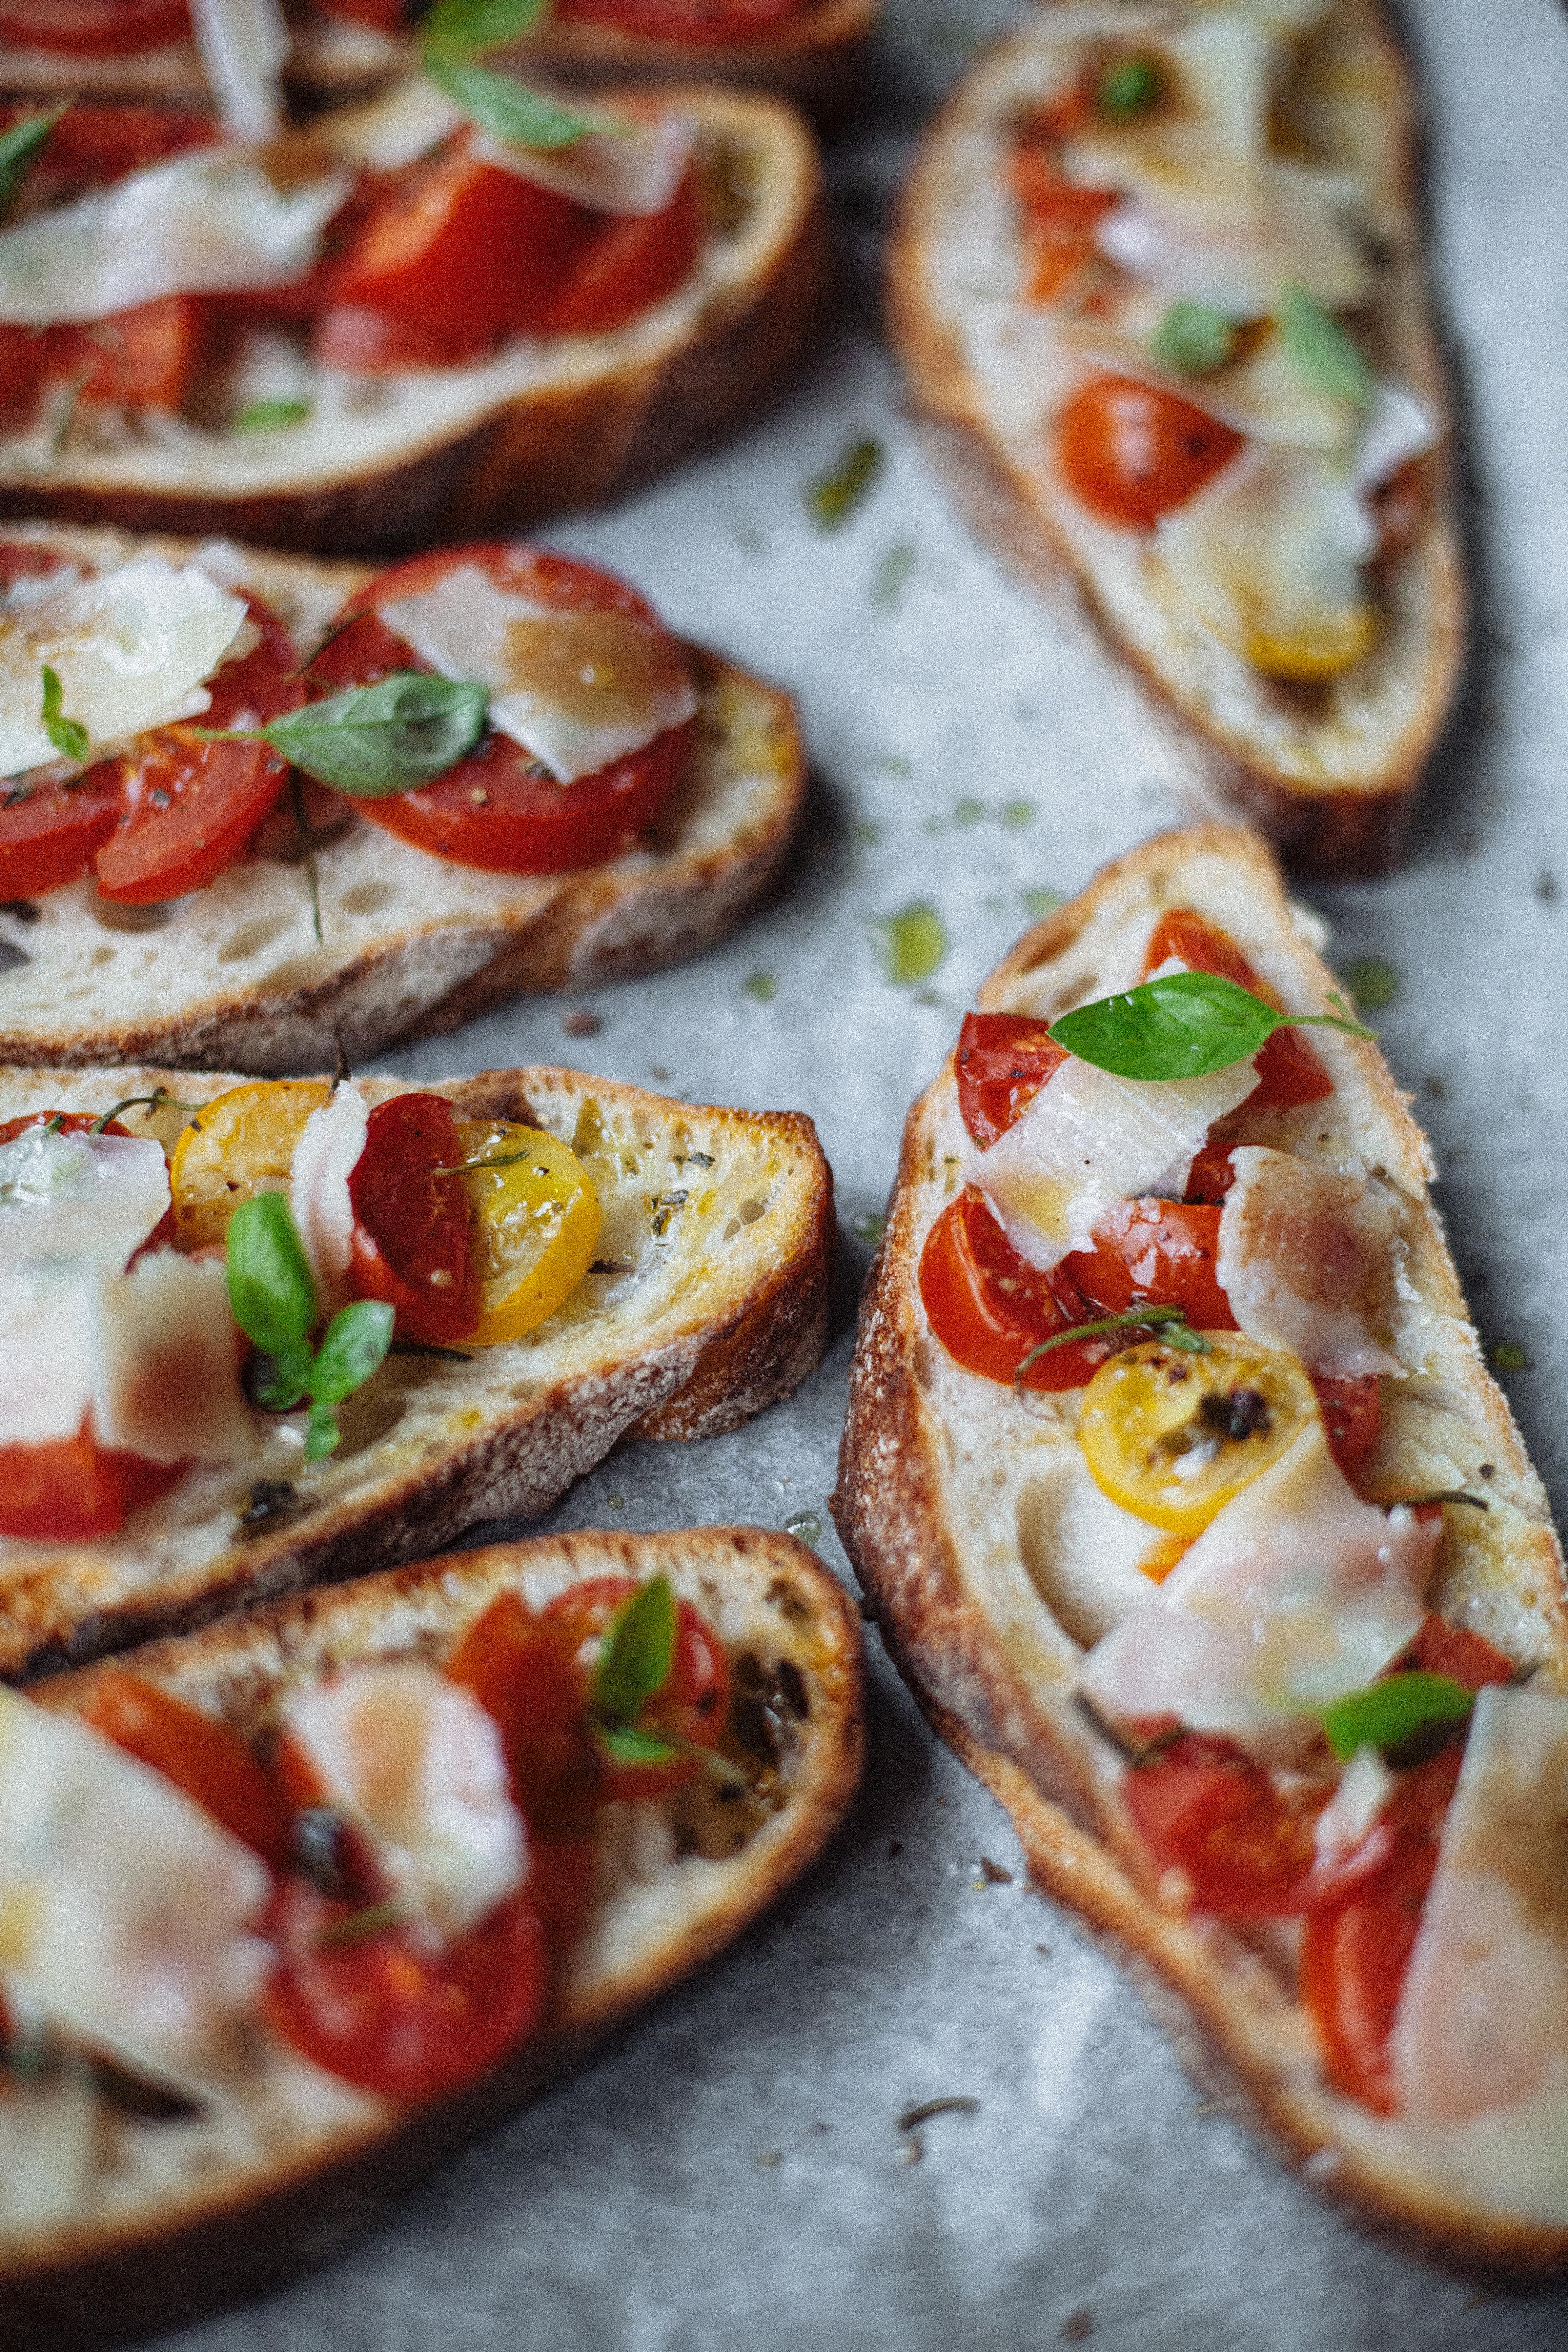 Gluten free healthy Bruschetta